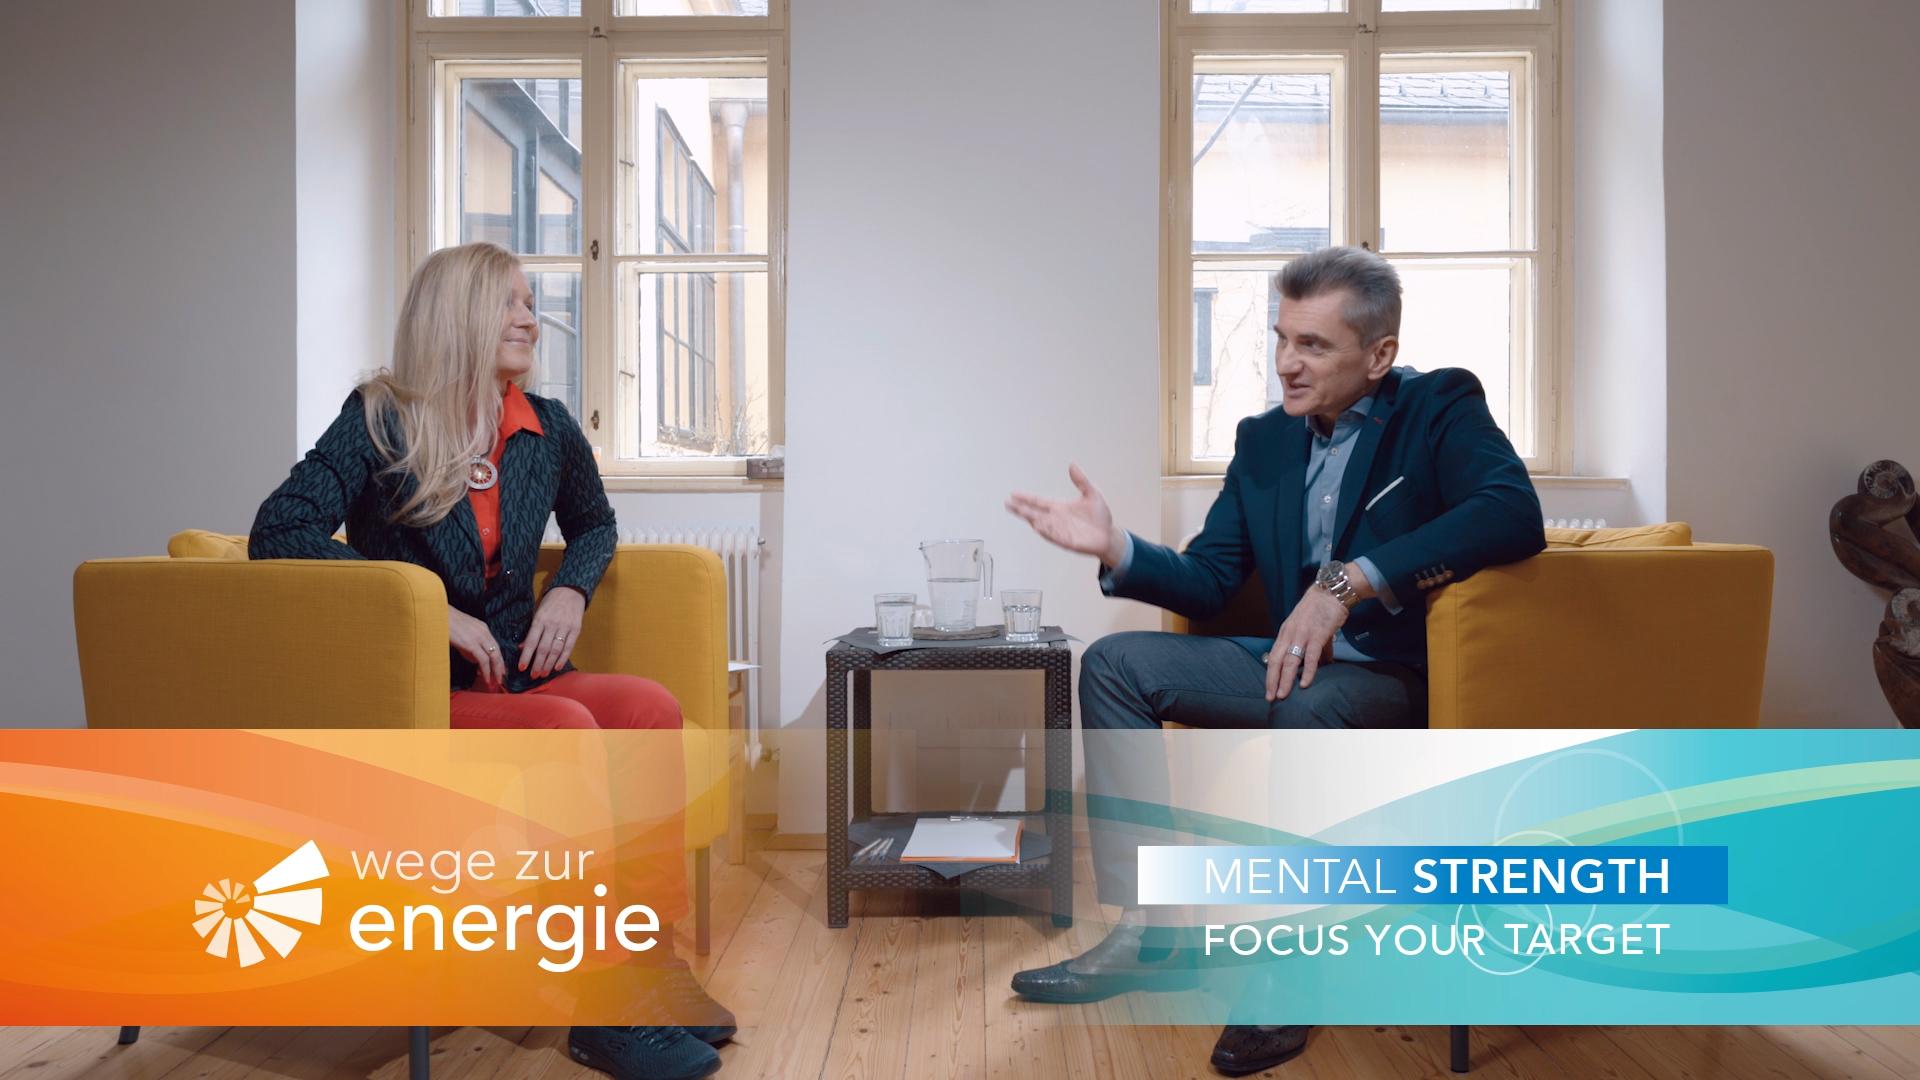 Unternehmensvorstellung Mental Strength - wege zur energie